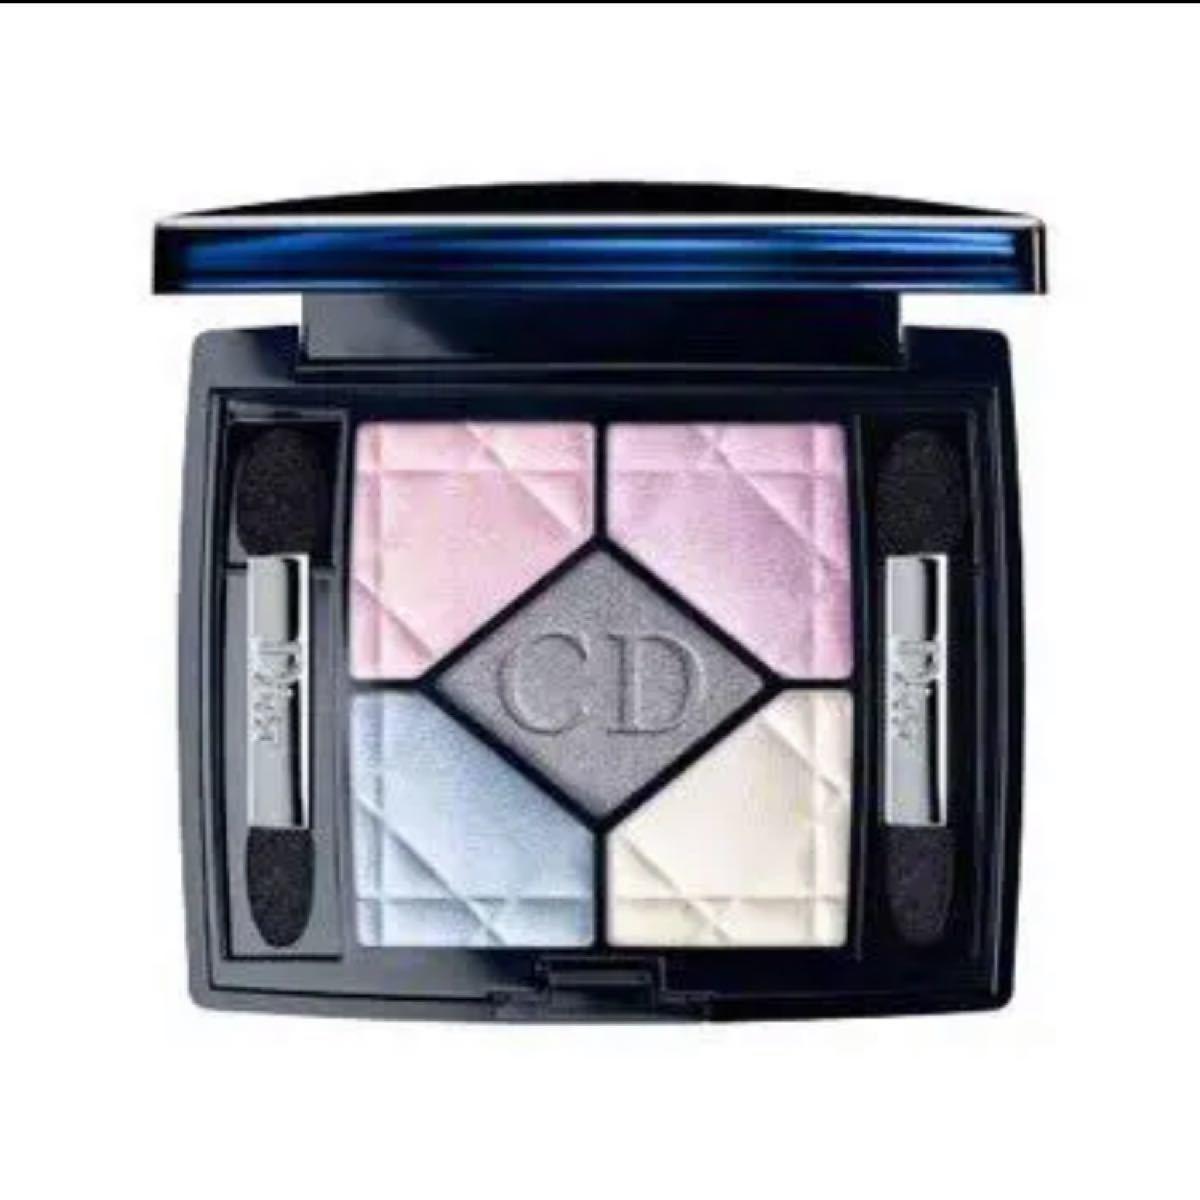 記載済質問回答不可 ディオール サンク クルール イリディセント 919 限定色 Dior アイシャドウ